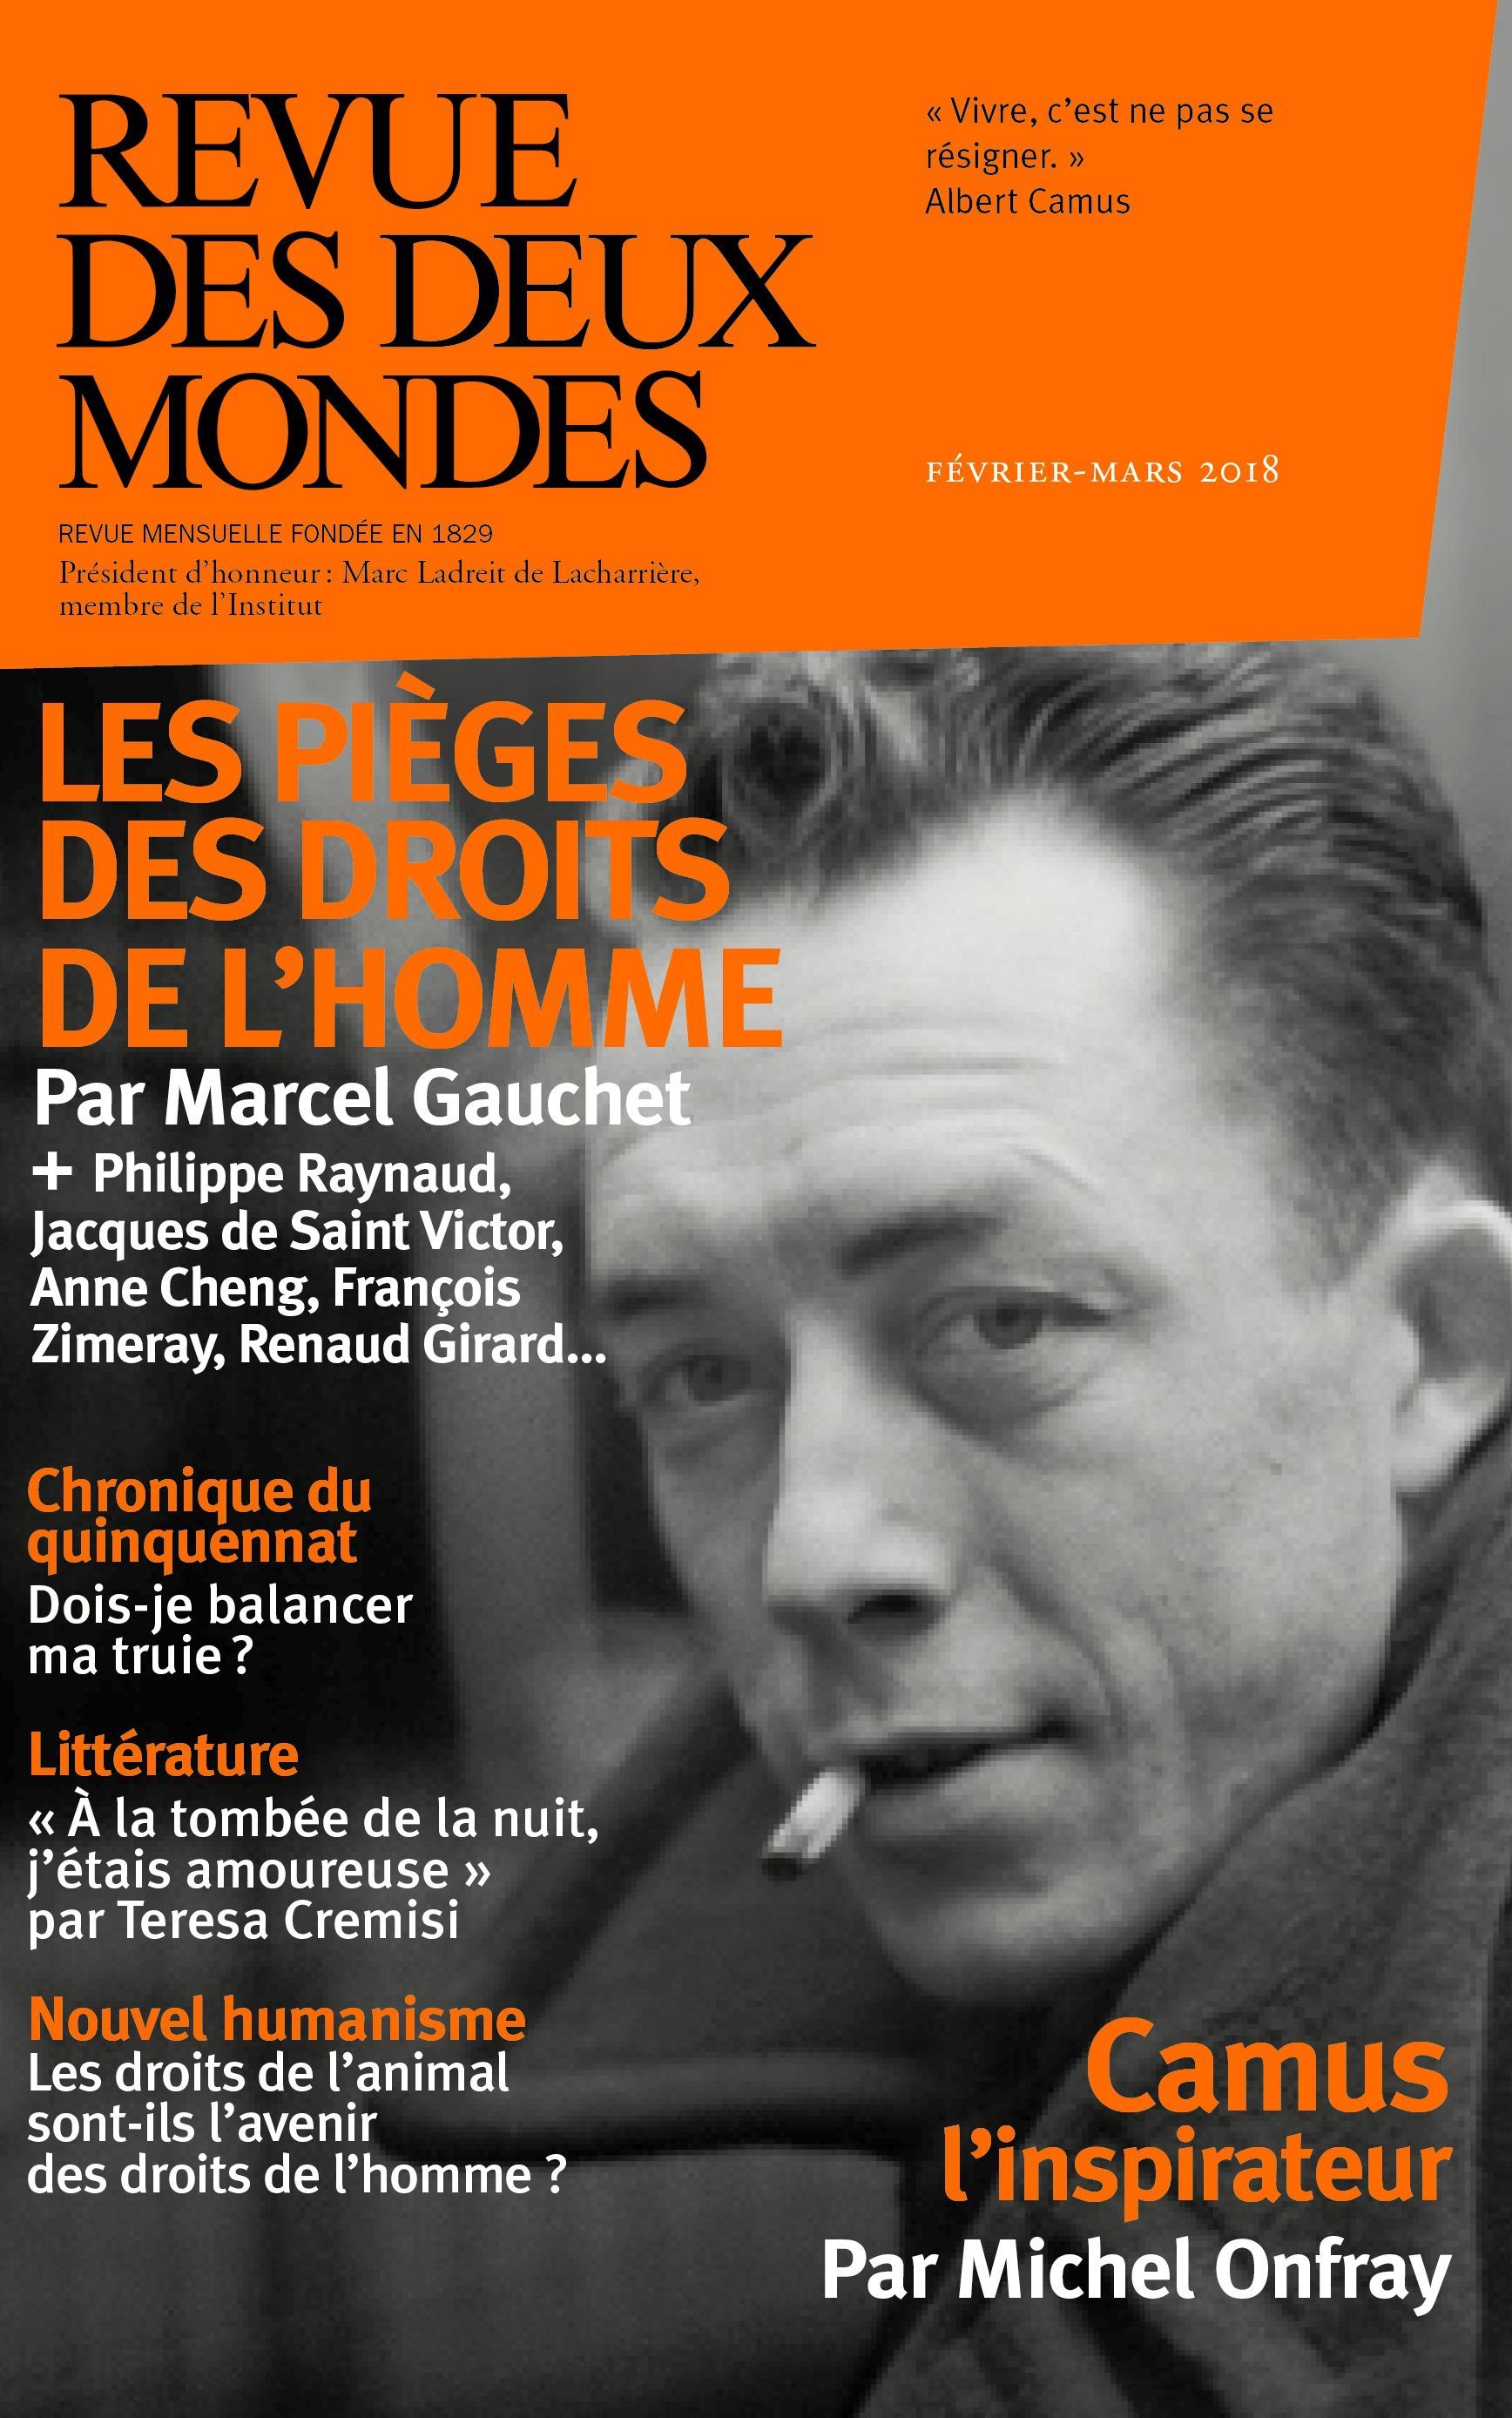 REVUE DES DEUX MONDES (édition 2018)